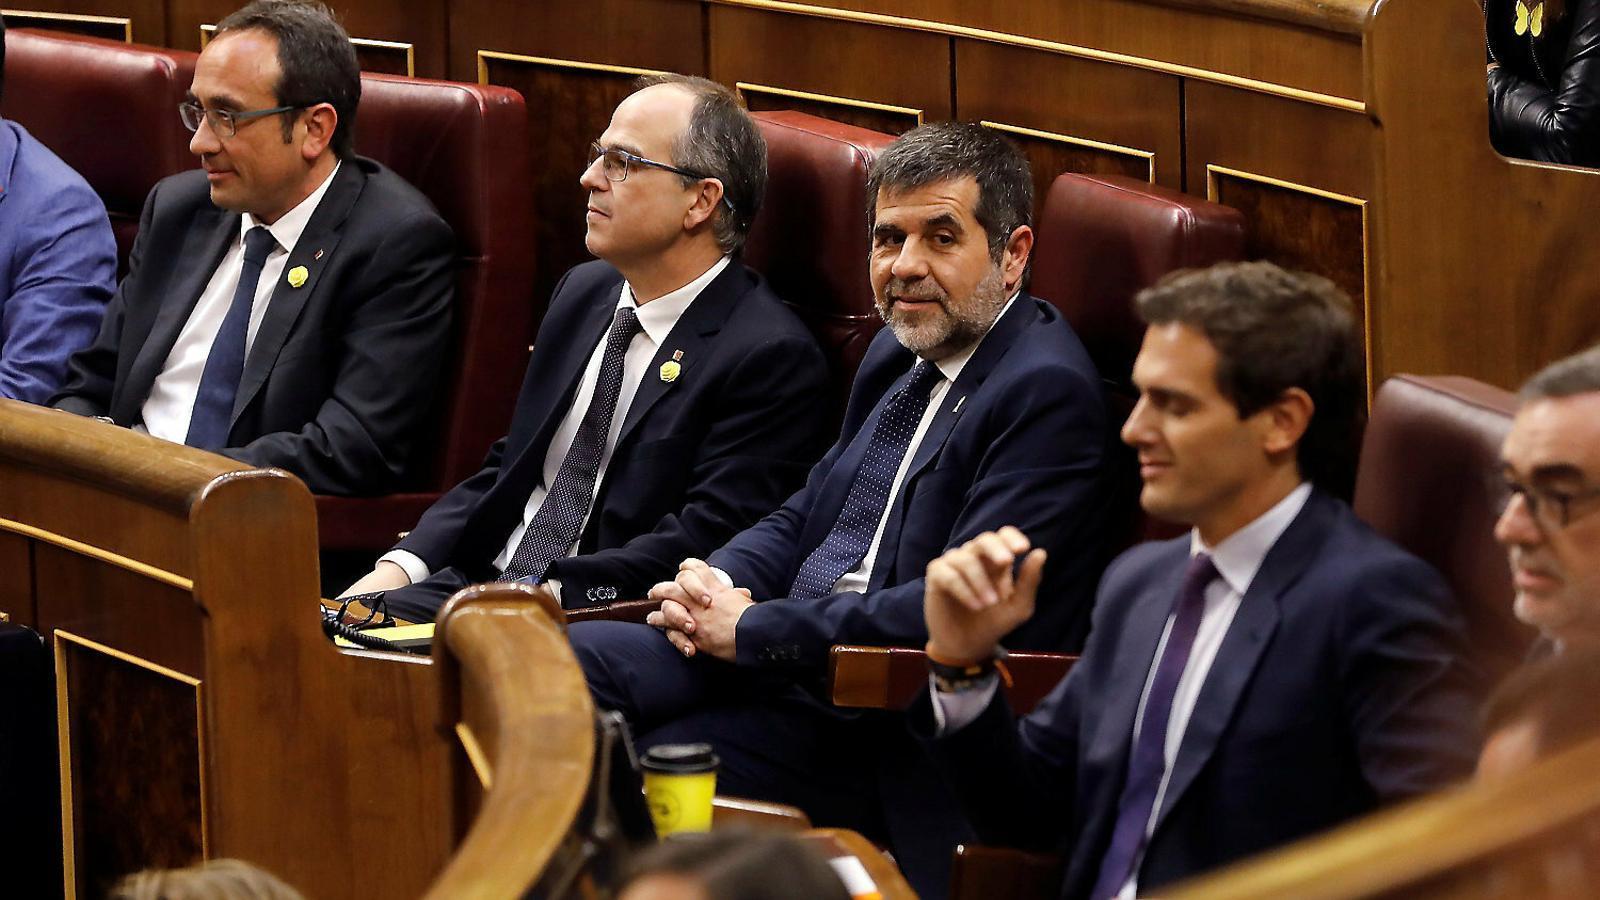 Jordi Sànchez, Jordi Turull i Josep Rull asseguts al Congrés durant la sessió de constitució de la cambra baixa el passat mes de maig.